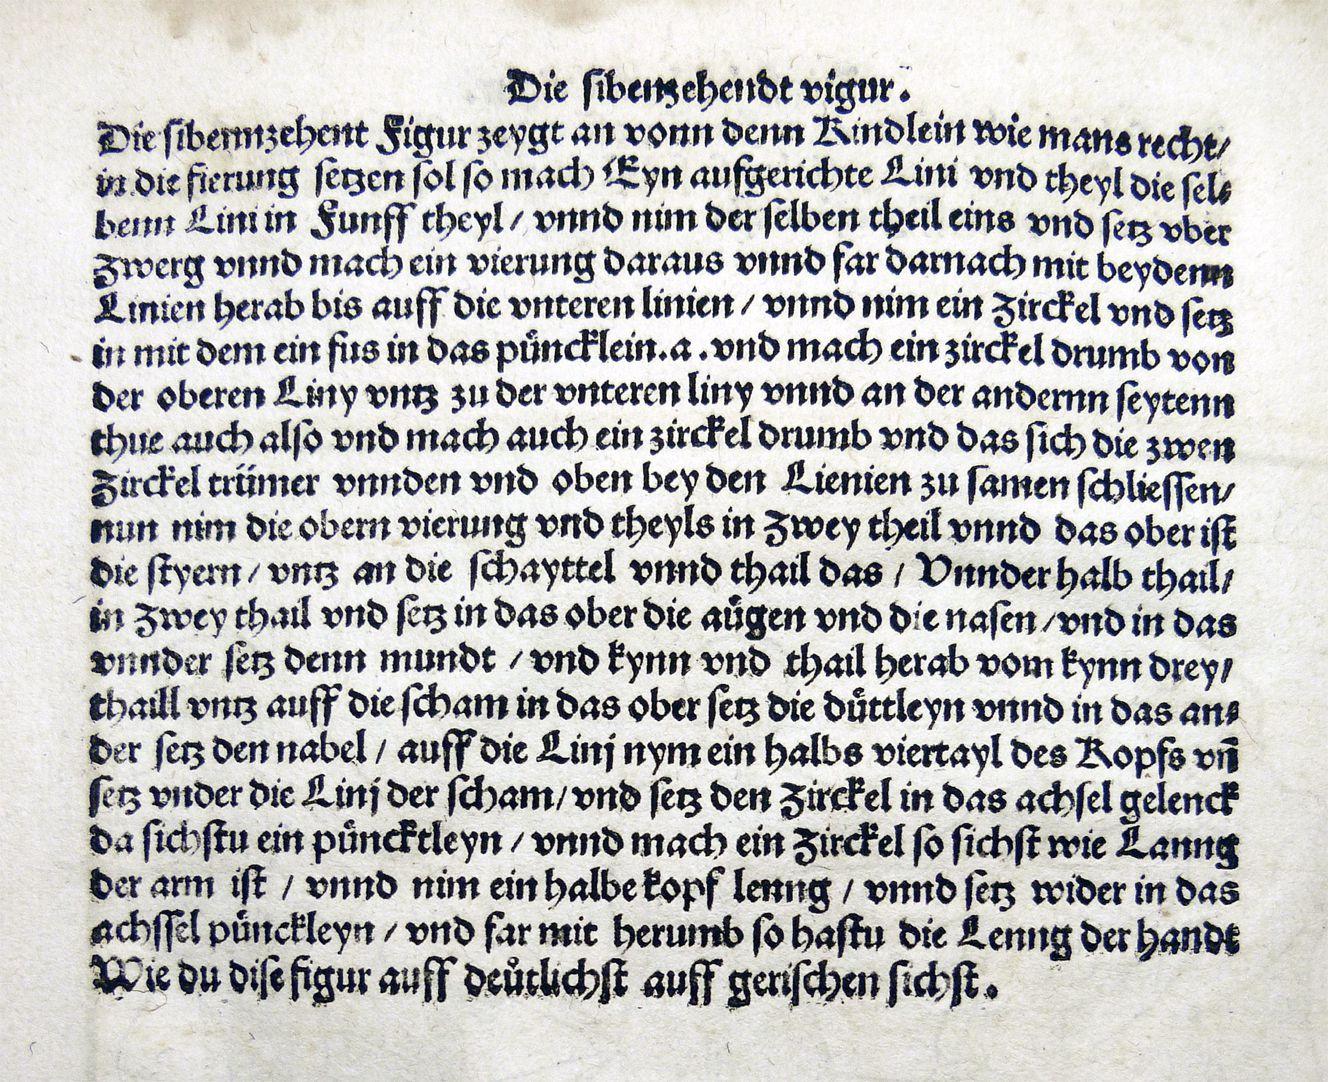 """""""Unnderweissung der porportzion ..."""" Die siebzehnte Figur, Text"""